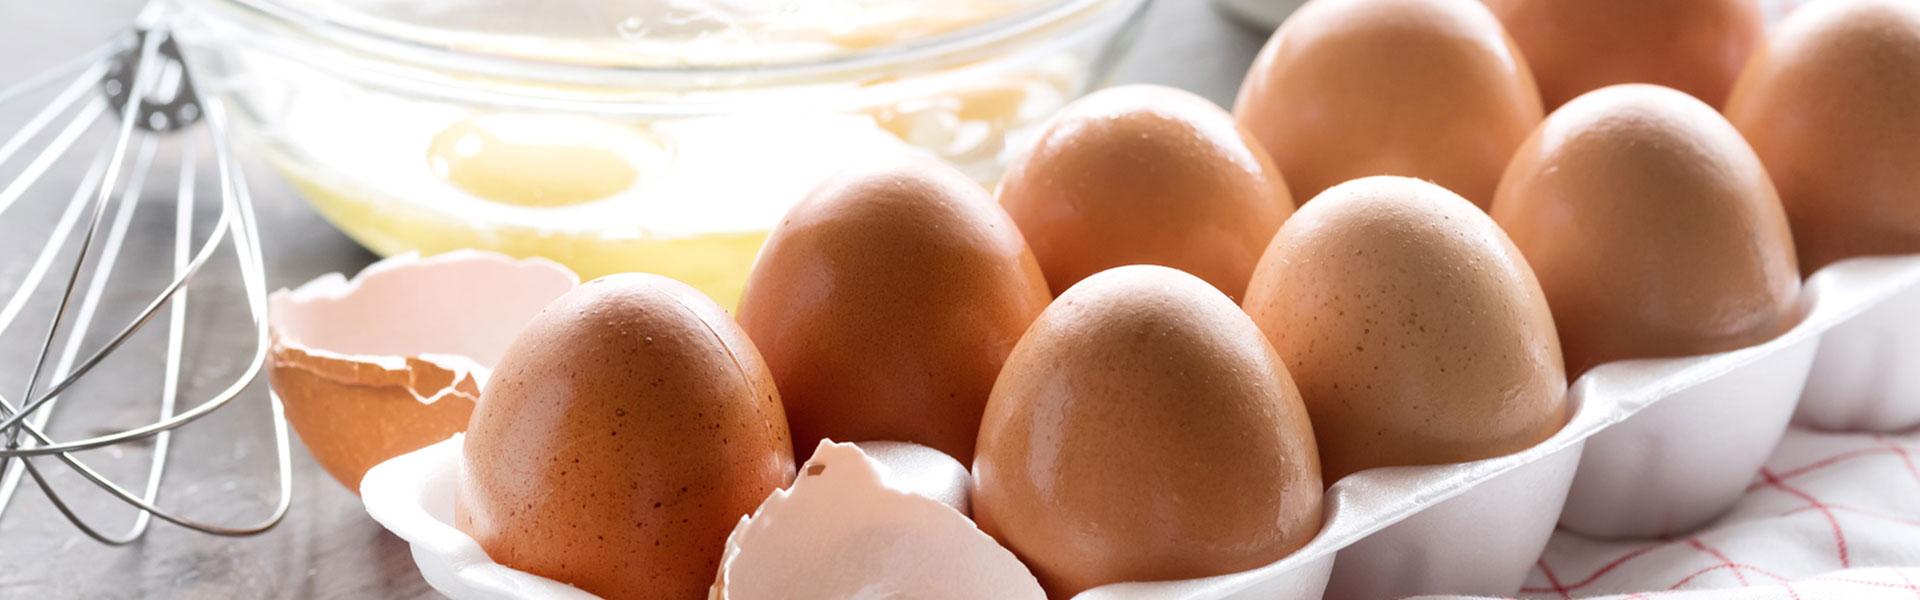 Jajka skup i sprzedaż